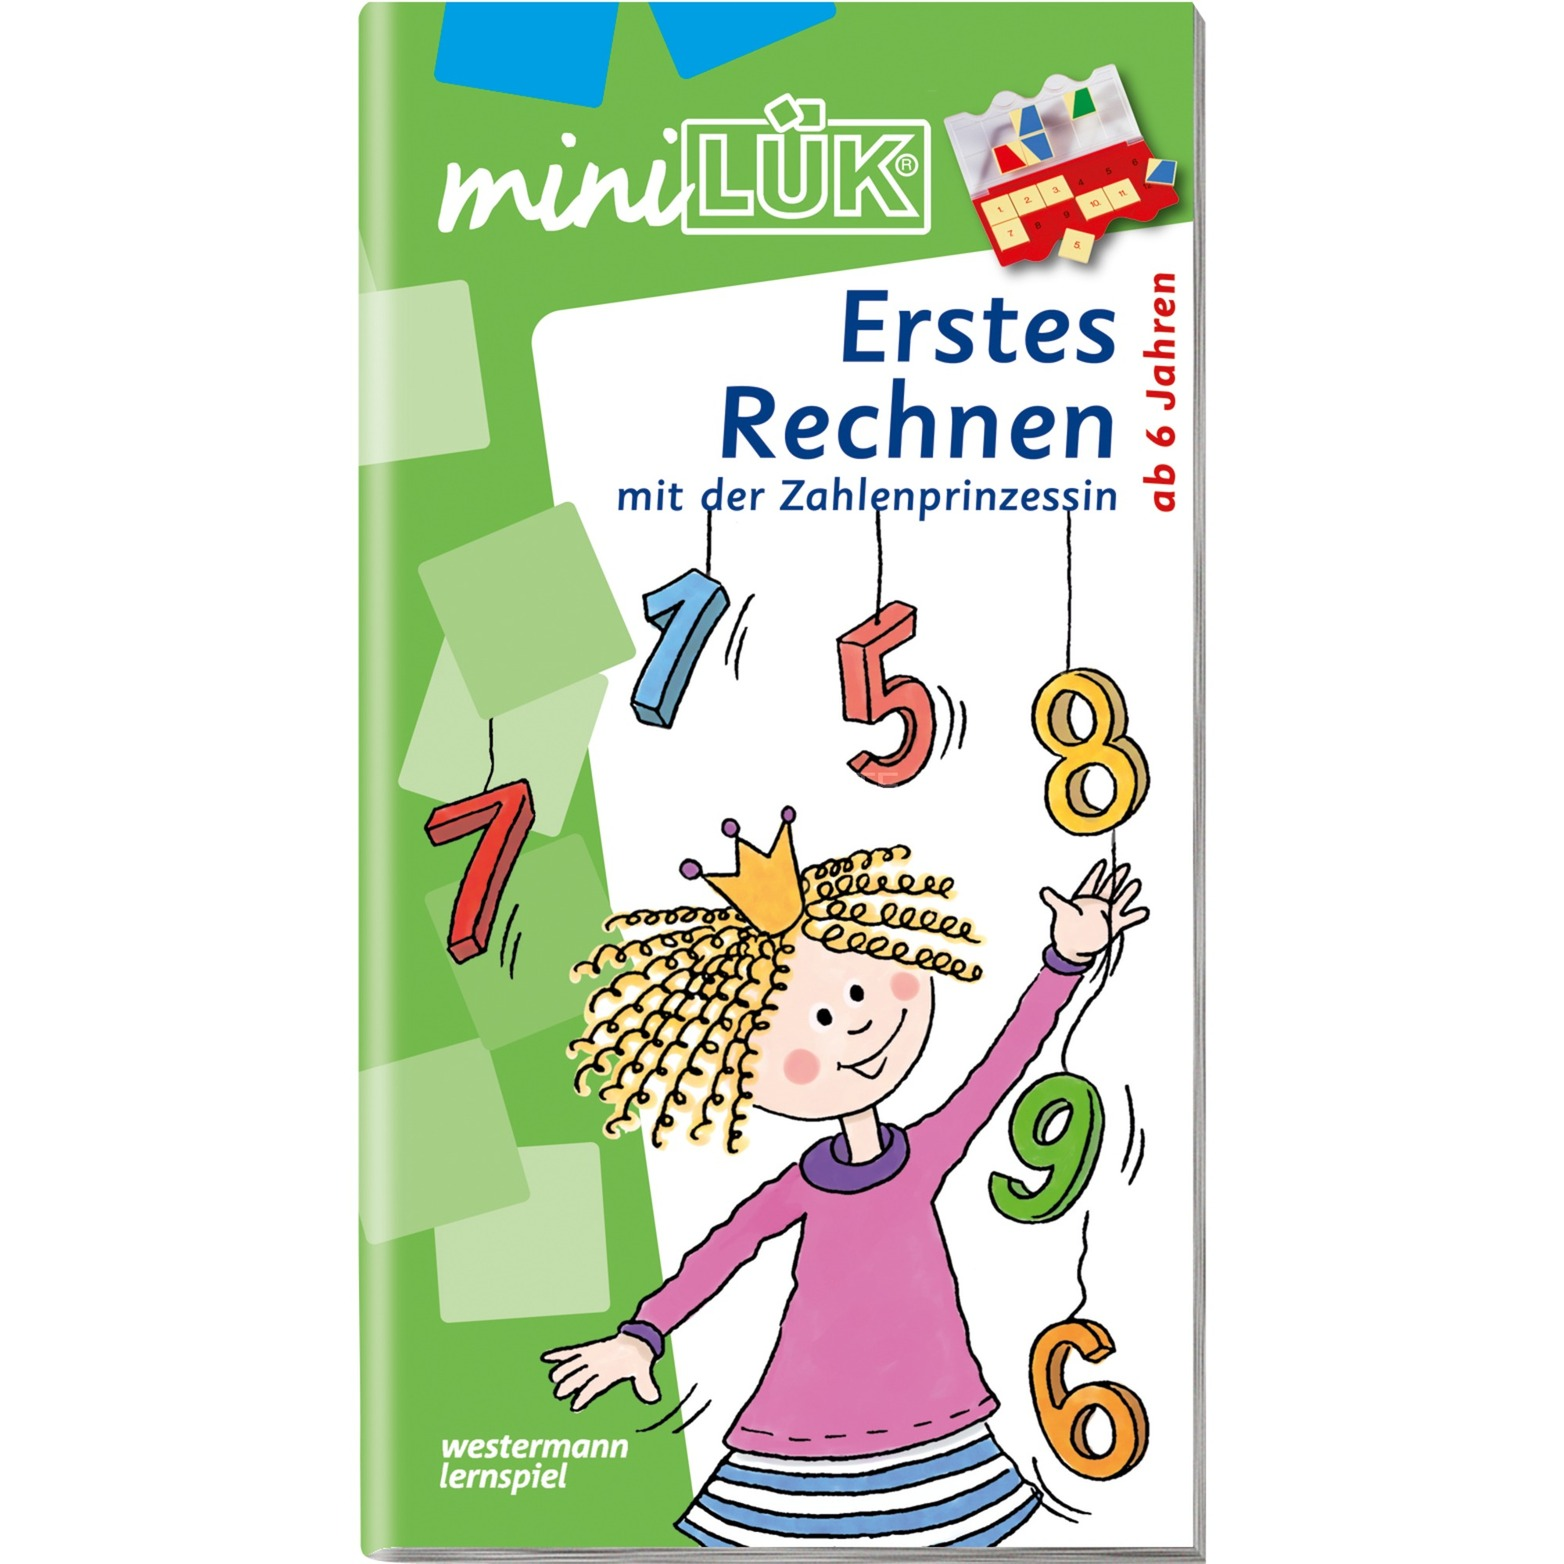 miniLÜK Die Rechenprinzessin livre pour enfants, Manuel